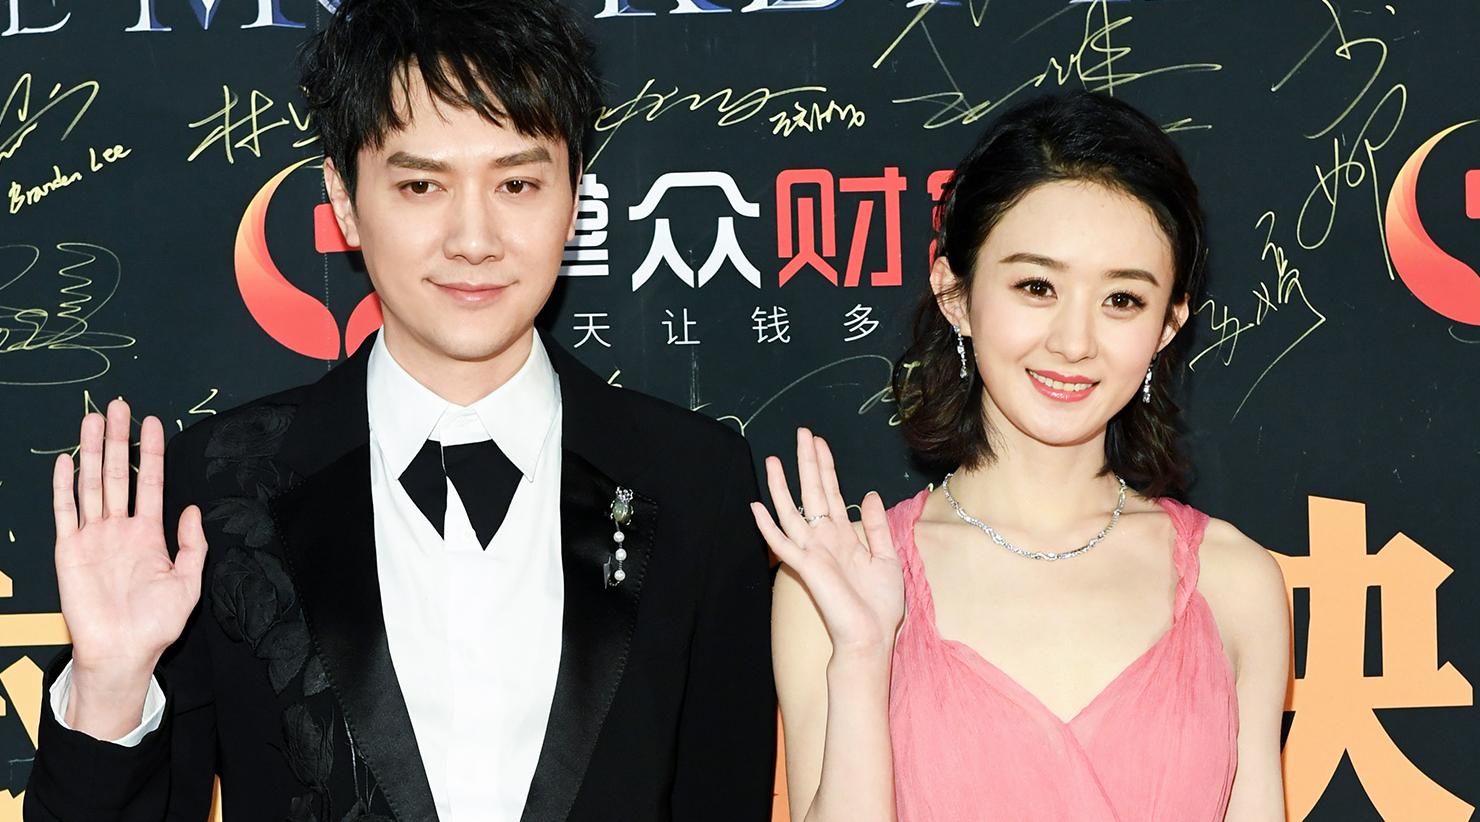 《西游记女儿国》全球首映礼群星璀璨共见大国荣耀